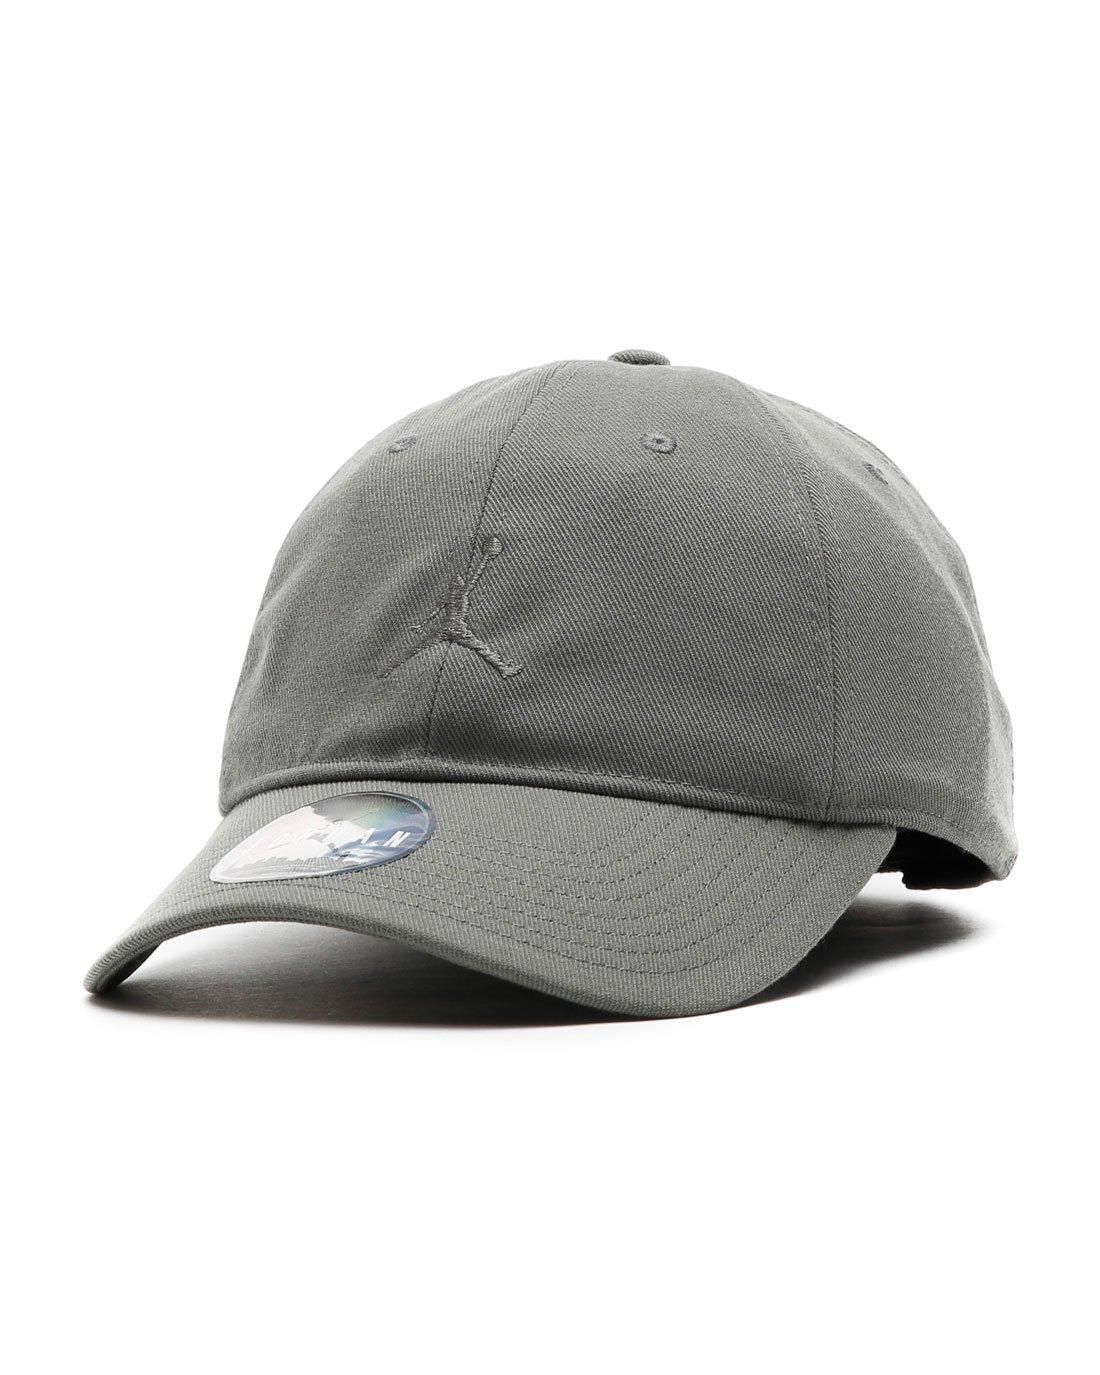 46a4d9fbac7260 Jordan Jumpman H86 Adjustable Hat - Men s - 847143 018 !! Green